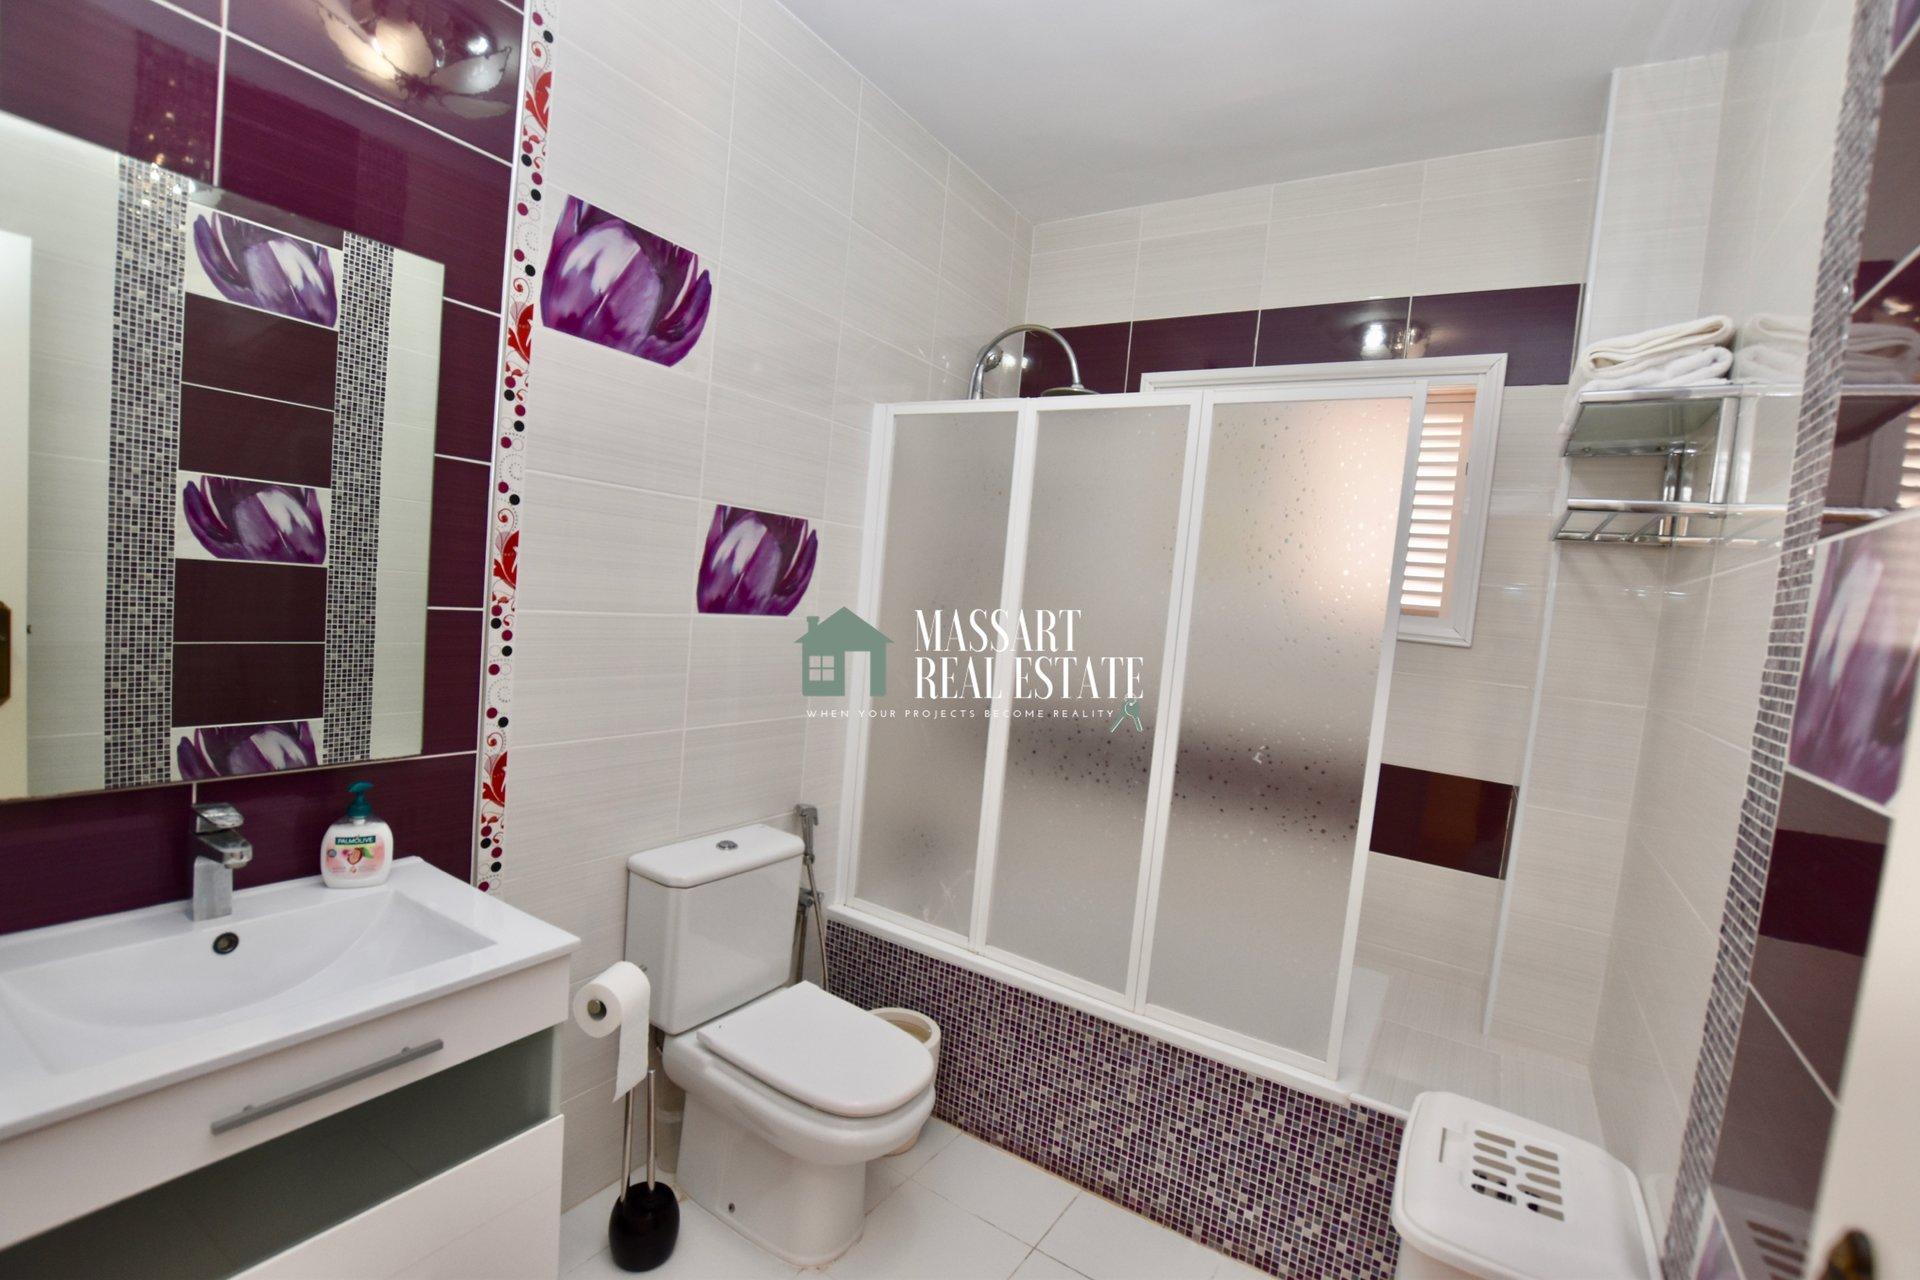 En venta en el centro de Adeje, casa independiente distribuida en dos plantas con vistas privilegiadas.